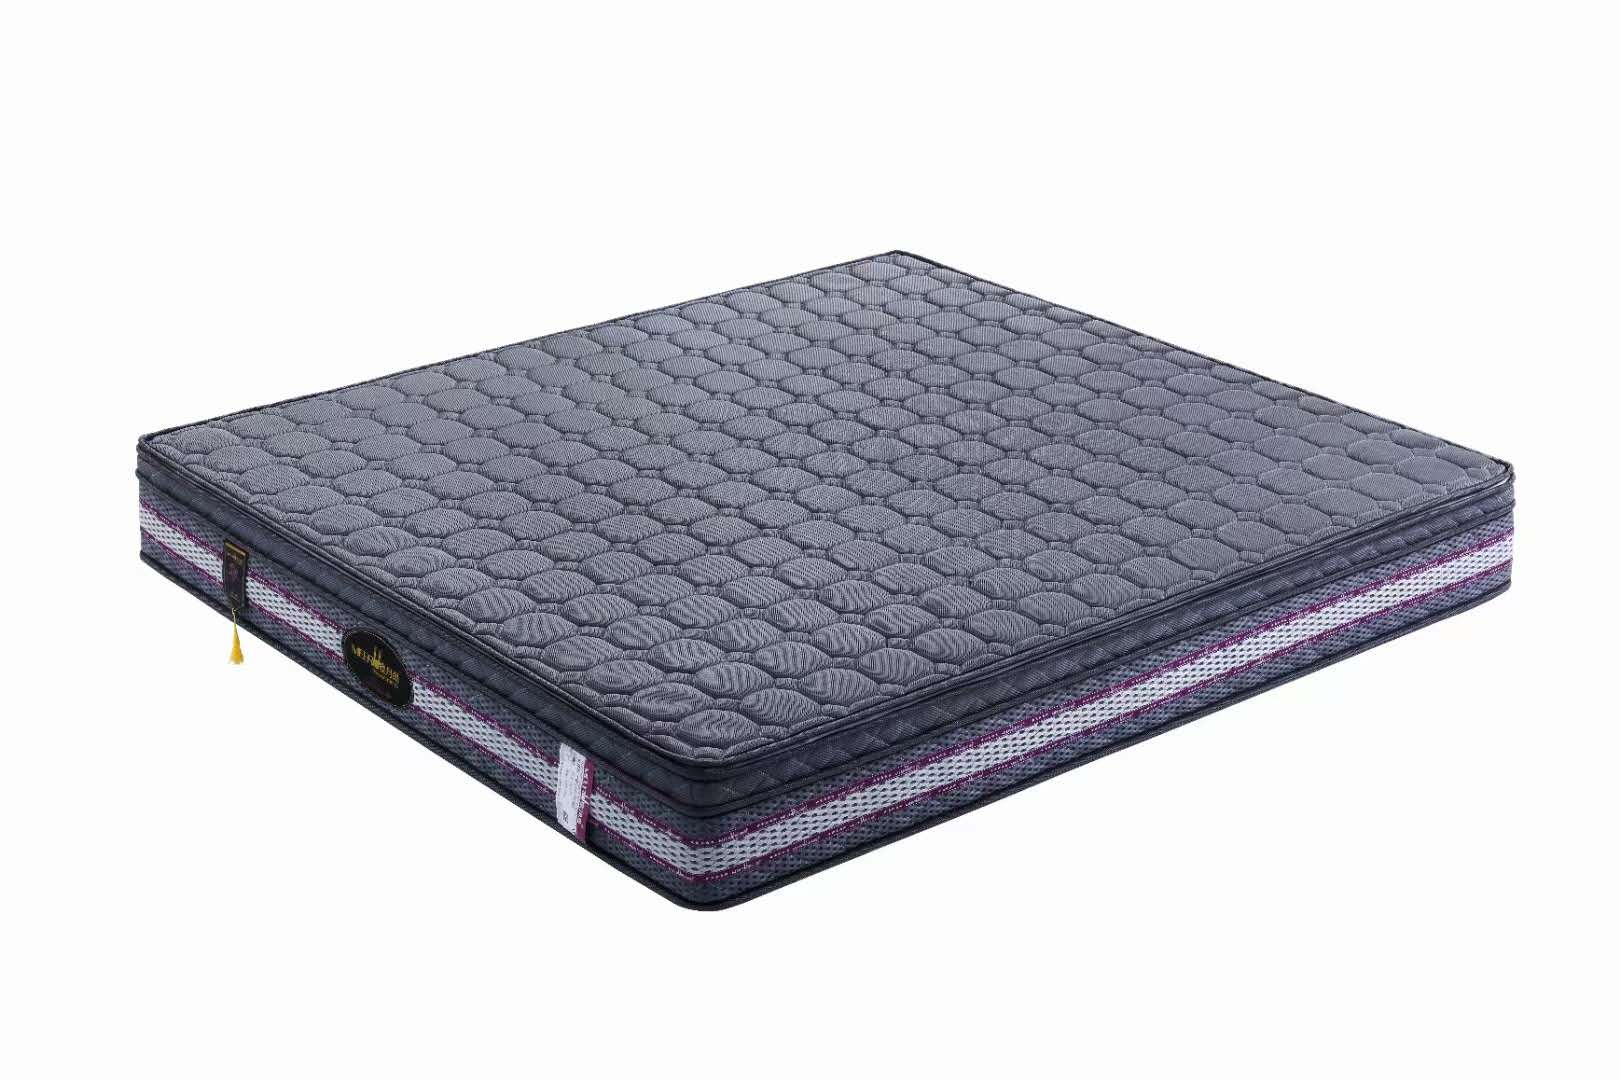 惠城負離子乳膠床墊價格,負離子紅外線床墊生產商,玉石床墊加盟商